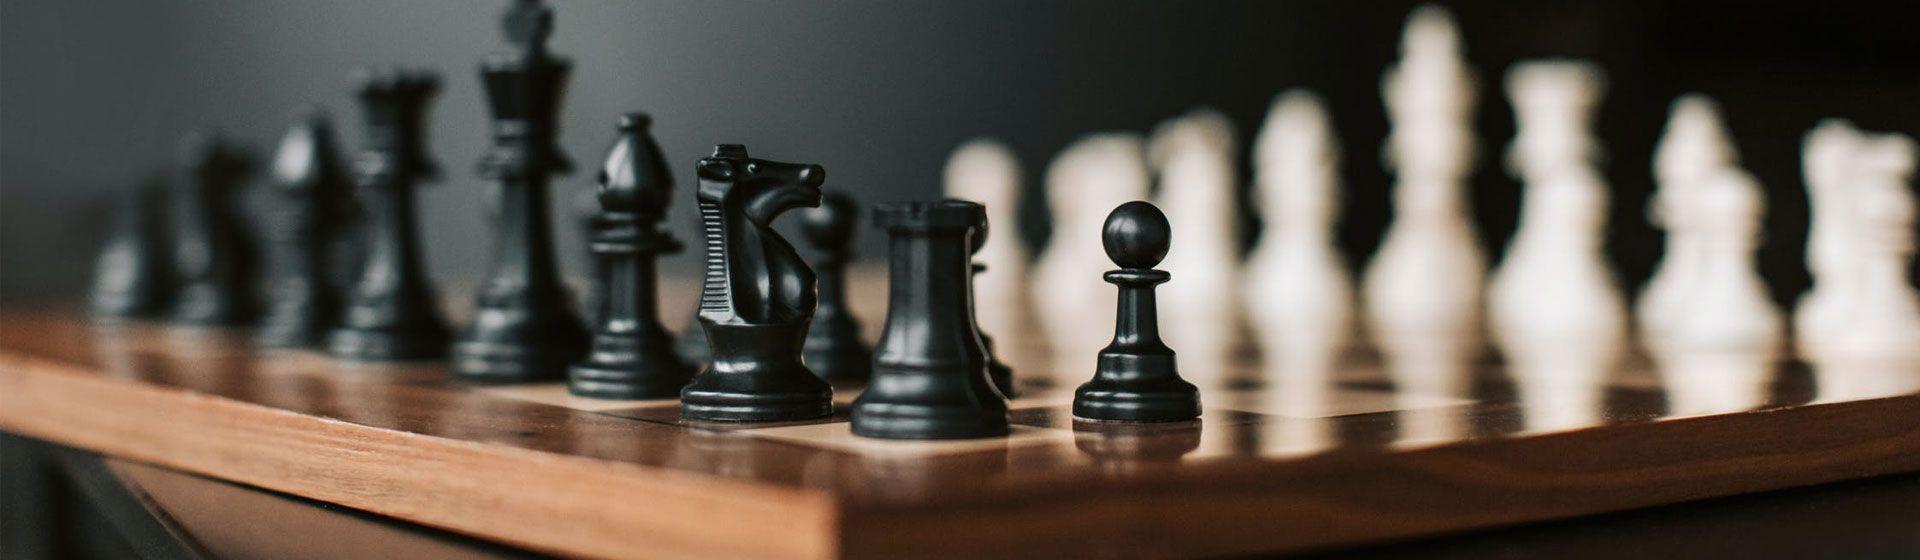 Jogadas de xadrez: conheça recursos famosos e úteis para usar no jogo